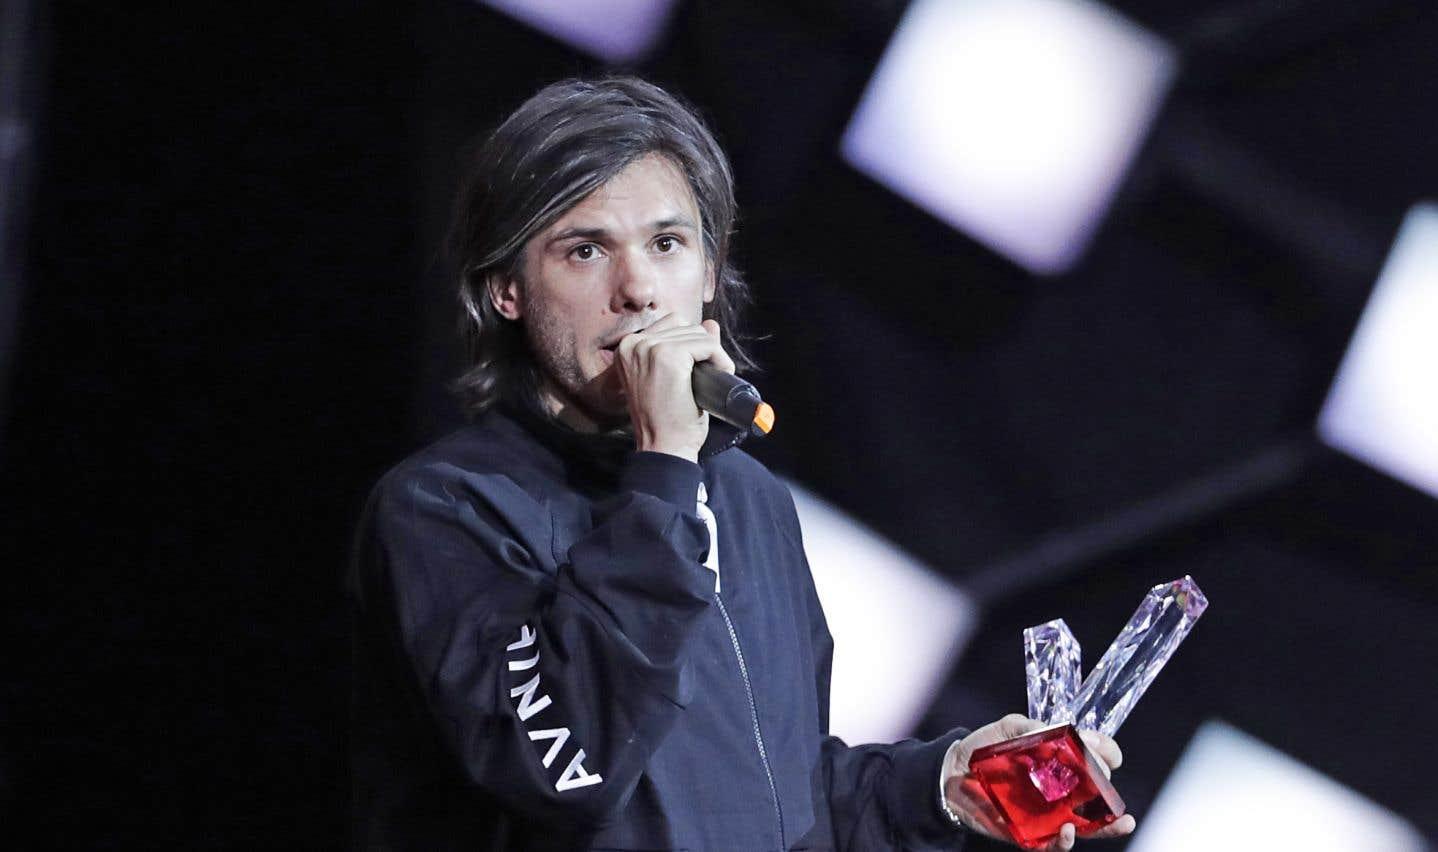 Le rappeur Orelsan est le grand vainqueur du gala 2018.